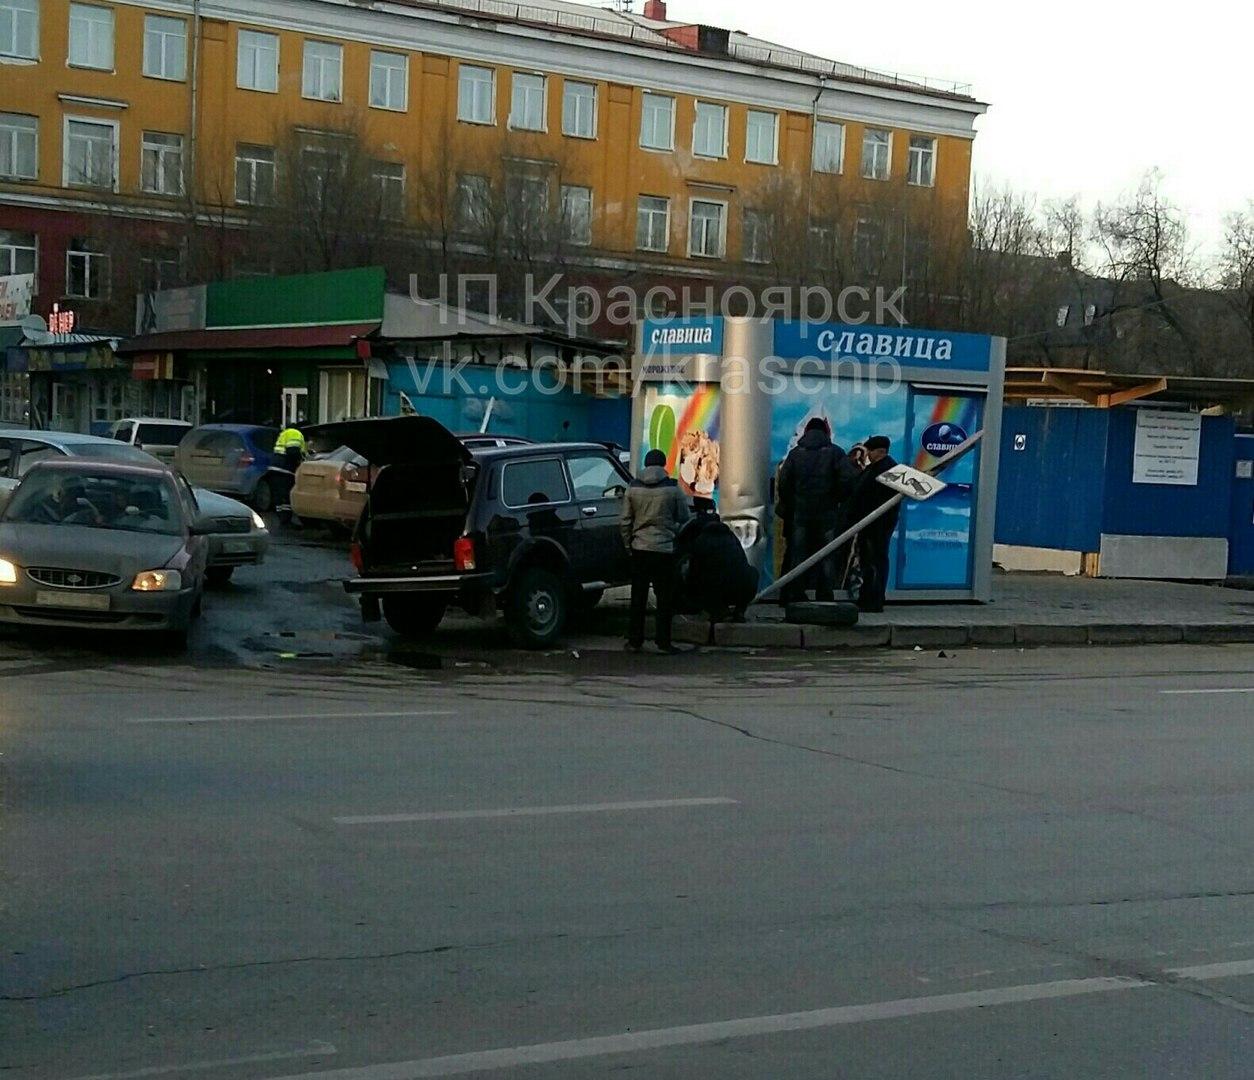 ВКрасноярске «Нива» врезалась впавильон смороженым